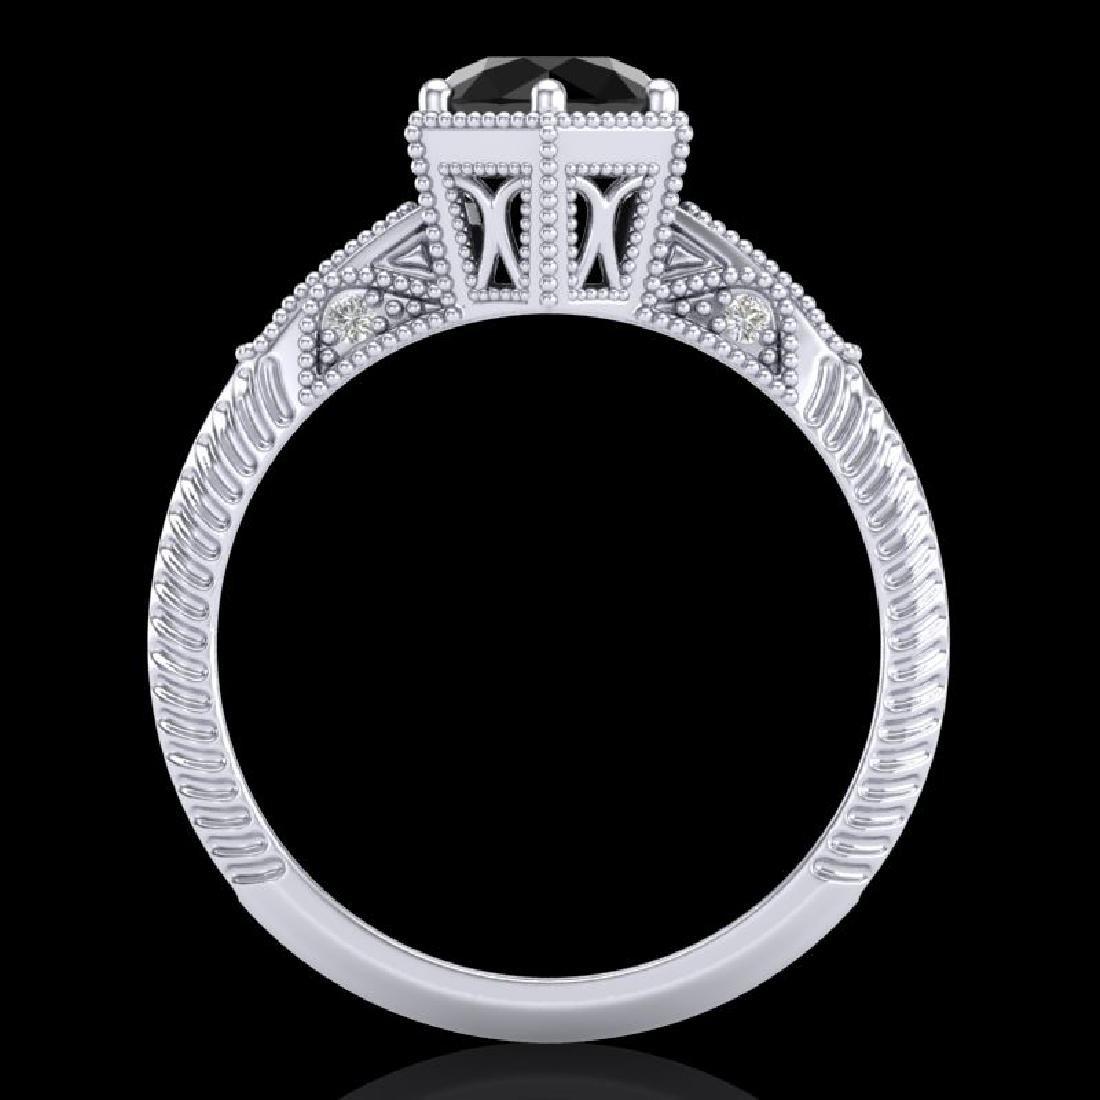 1.17 CTW Fancy Black Diamond Solitaire Engagement Art - 3